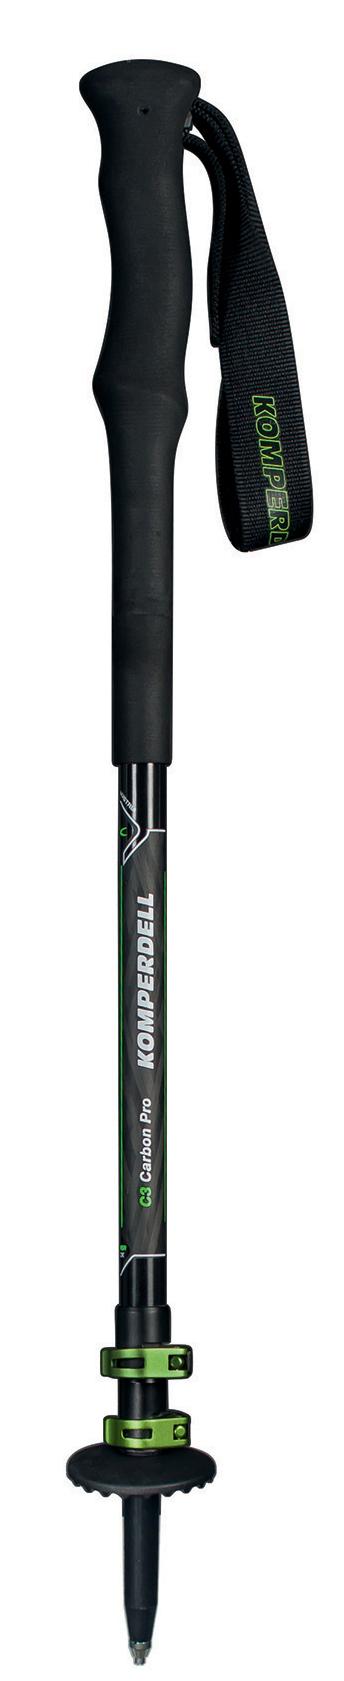 Komperdell C3 Carbon - Walking Poles